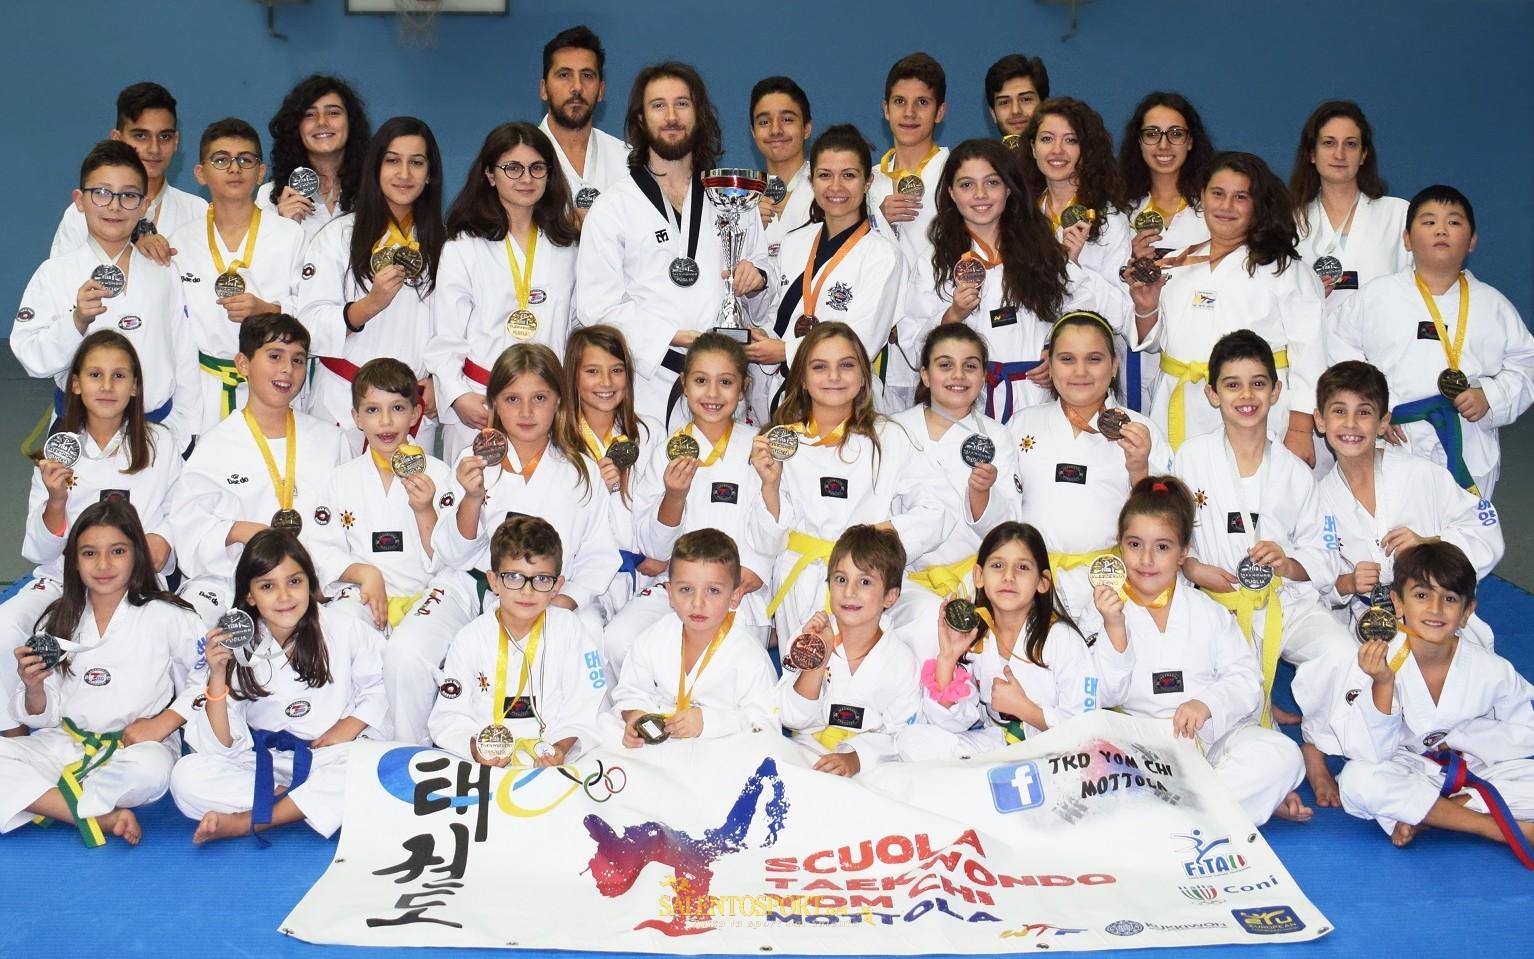 taekwondo-mottola